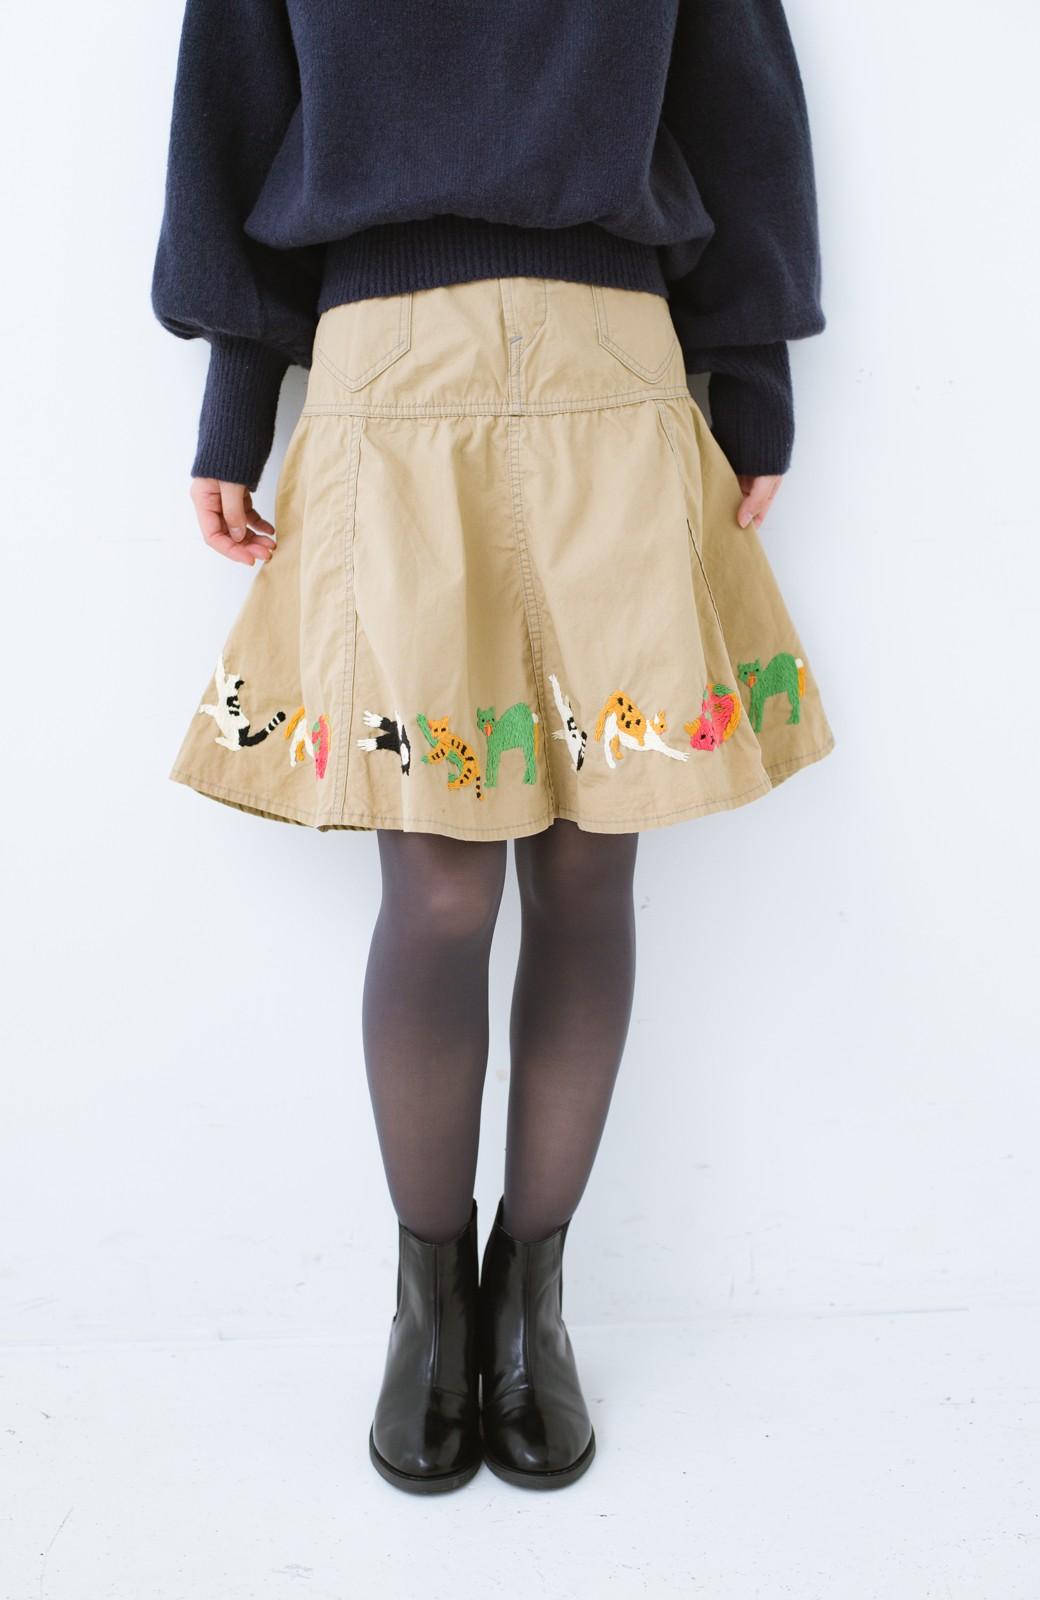 haco! Stitch by Stitch 子猫たちが楽しく戯れて。CANTON FOR PBP サーキュラースカート <ベージュ>の商品写真1